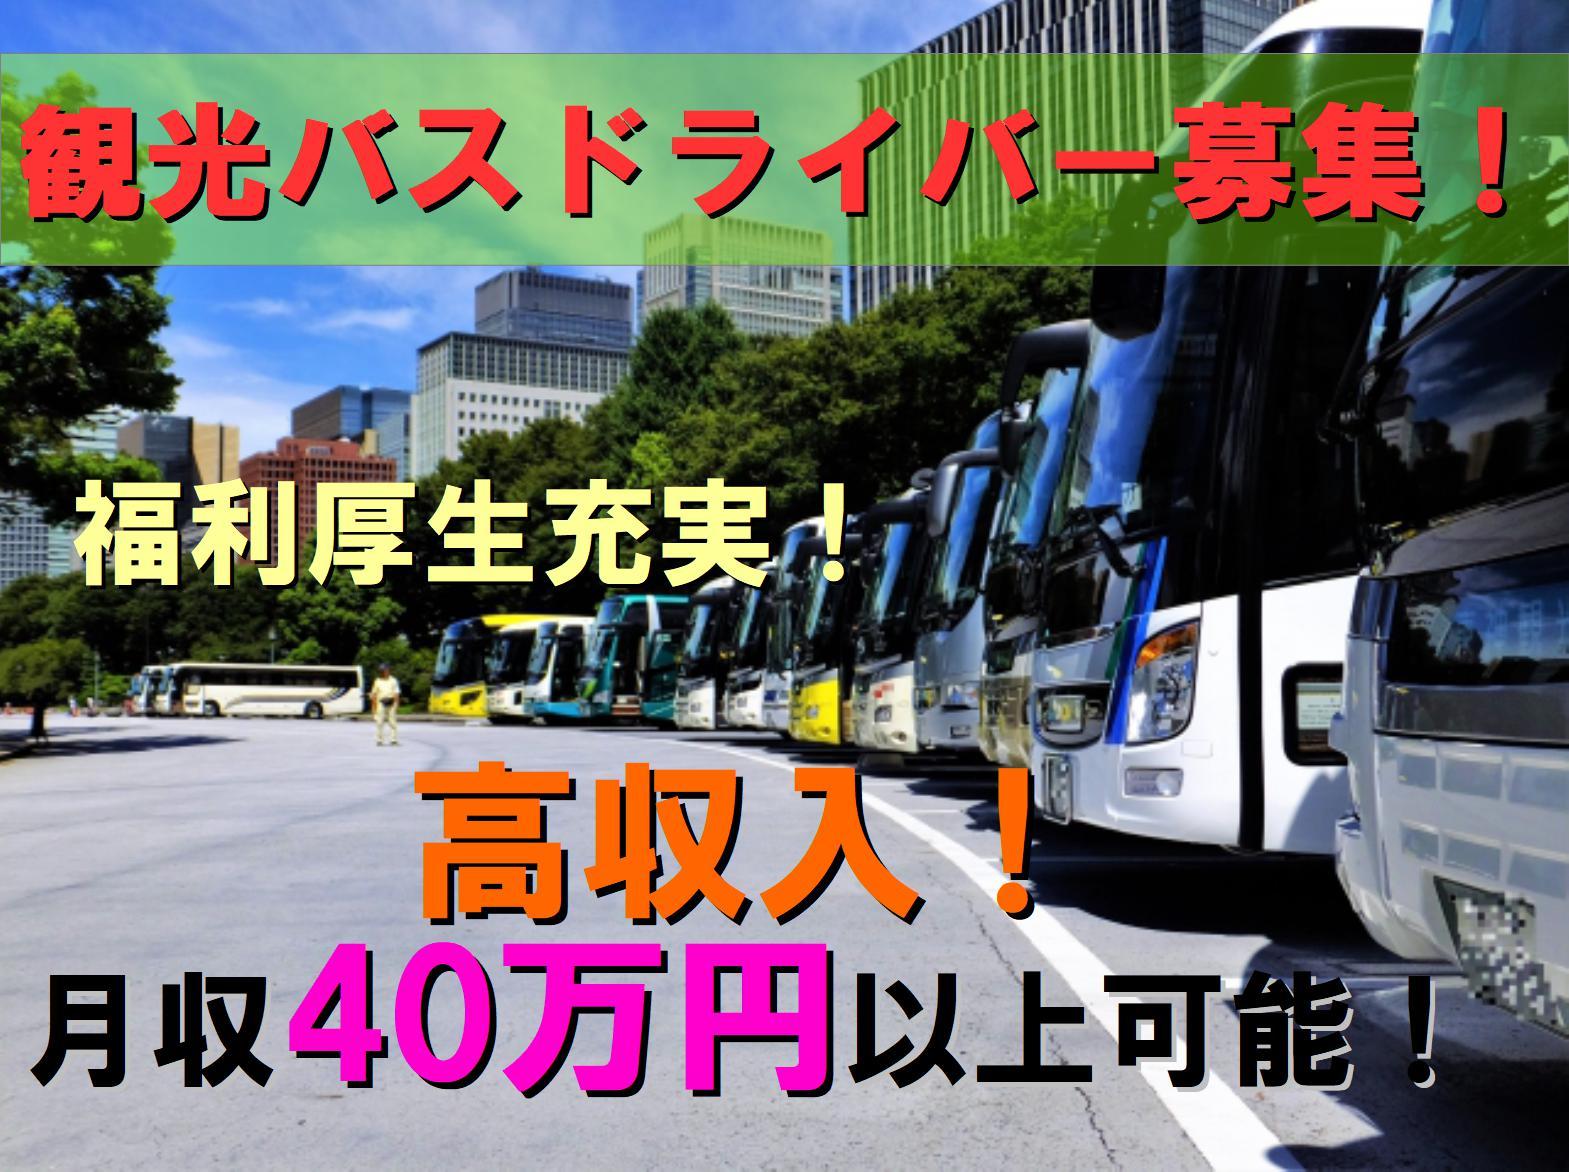 正社員で安定のお仕事!月収40万円以上の高収入も可!観光バスのドライバー! イメージ